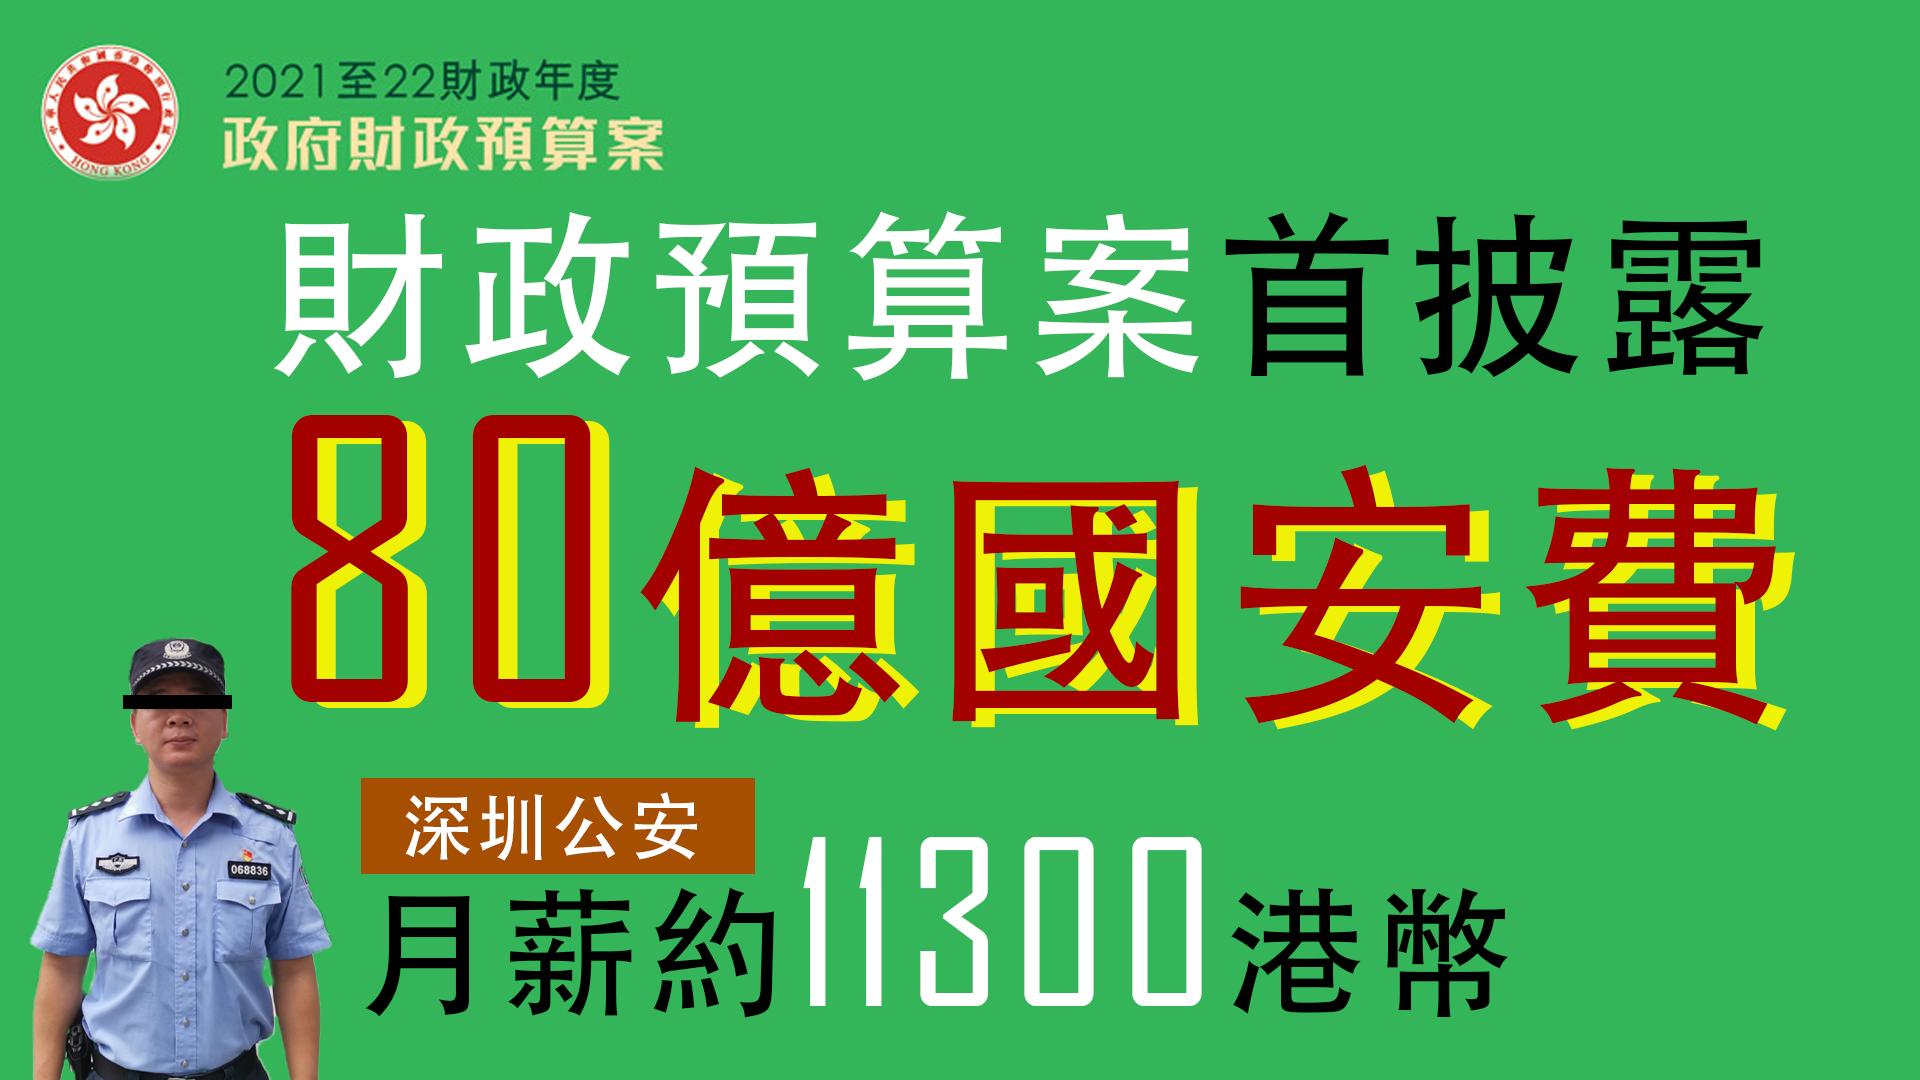 以一名深圳公安月薪起薪约11,300元,80亿元每年可聘用约59,000名公安。(粤语组制图)